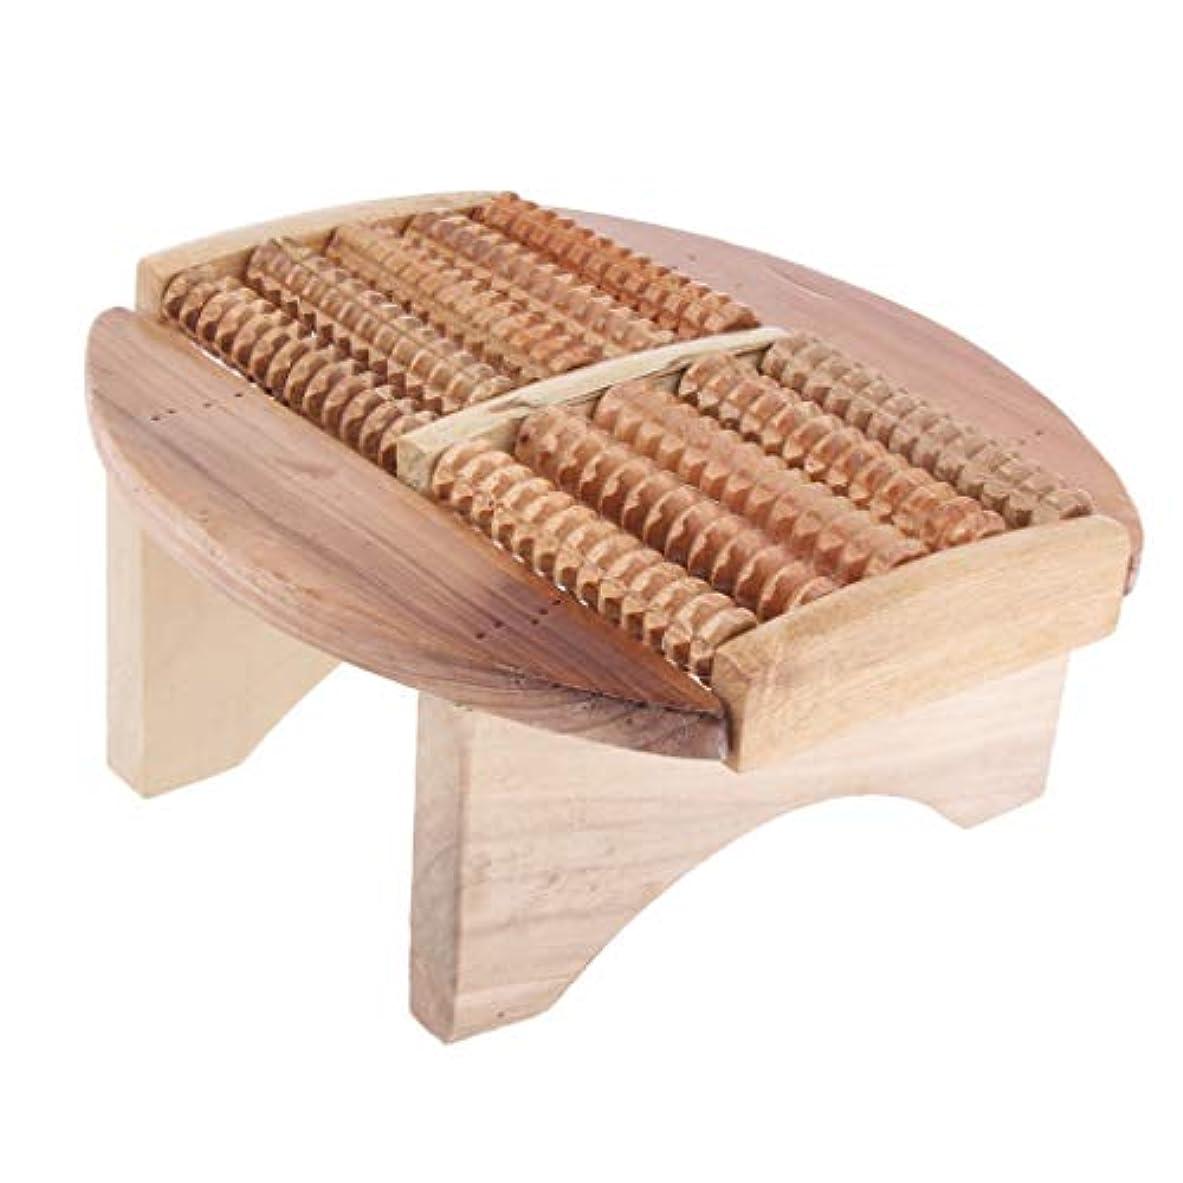 クレデンシャルシングル運ぶBaoblaze フットマッサージスツール 木製 足湯ステップ マッサージ スツール SPA